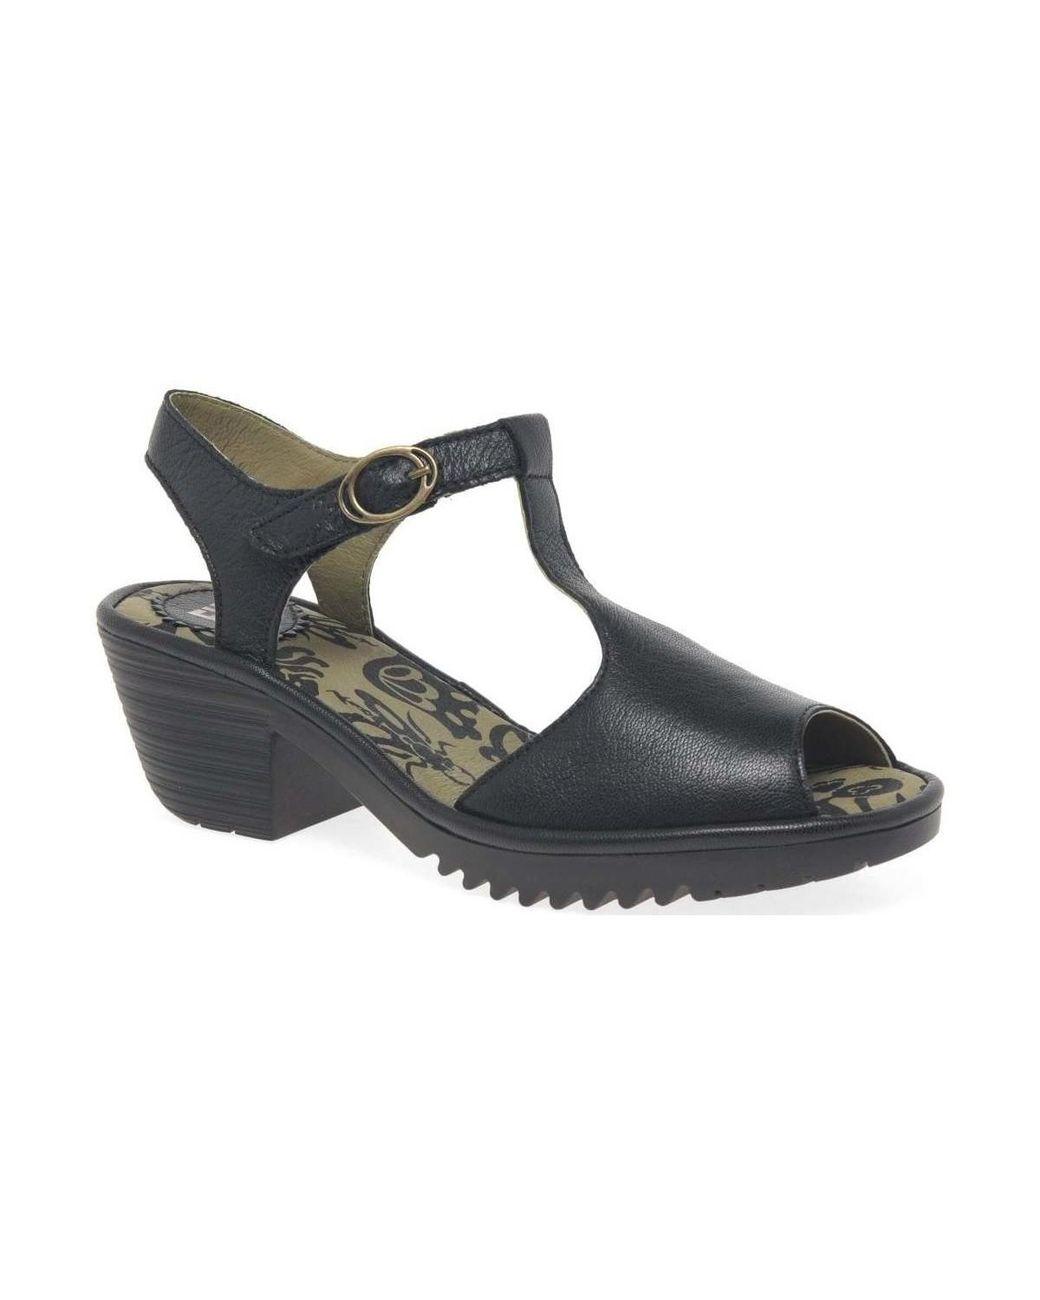 586083a4ea Fly London Wesy Womens Block Heel Sandals Women's Sandals In Black ...